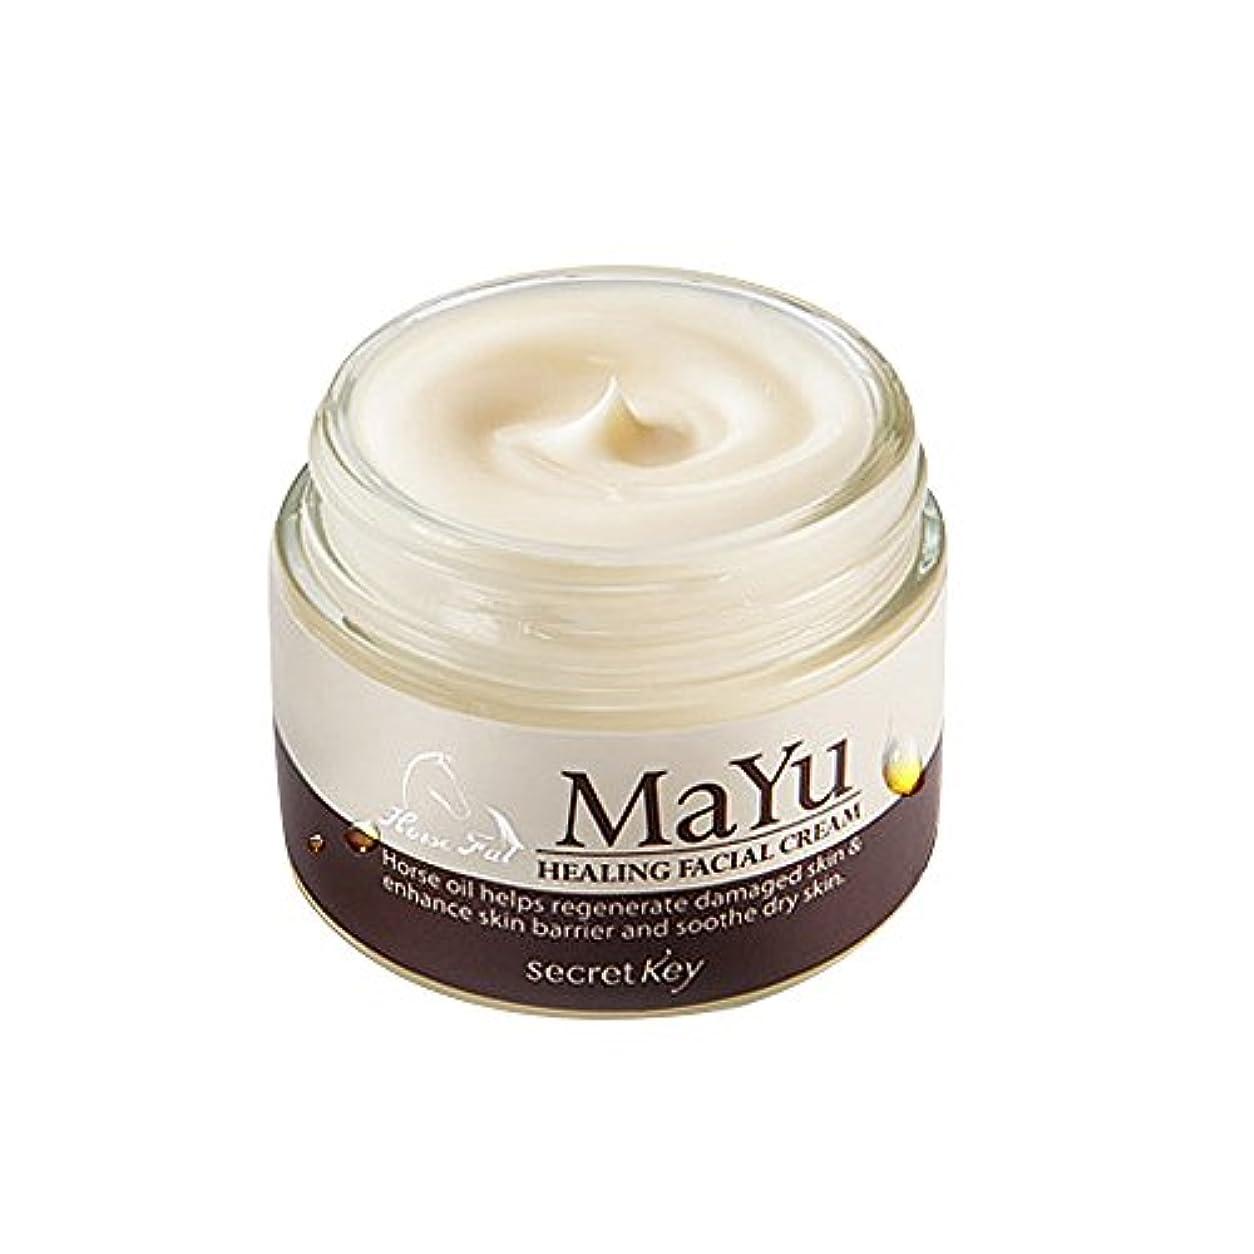 コットン満州狂乱[シークレットキー]Secretkey 馬油ヒーリングフェイシャルクリーム70g 海外直送品 Mayu Healing Facial Cream 70g